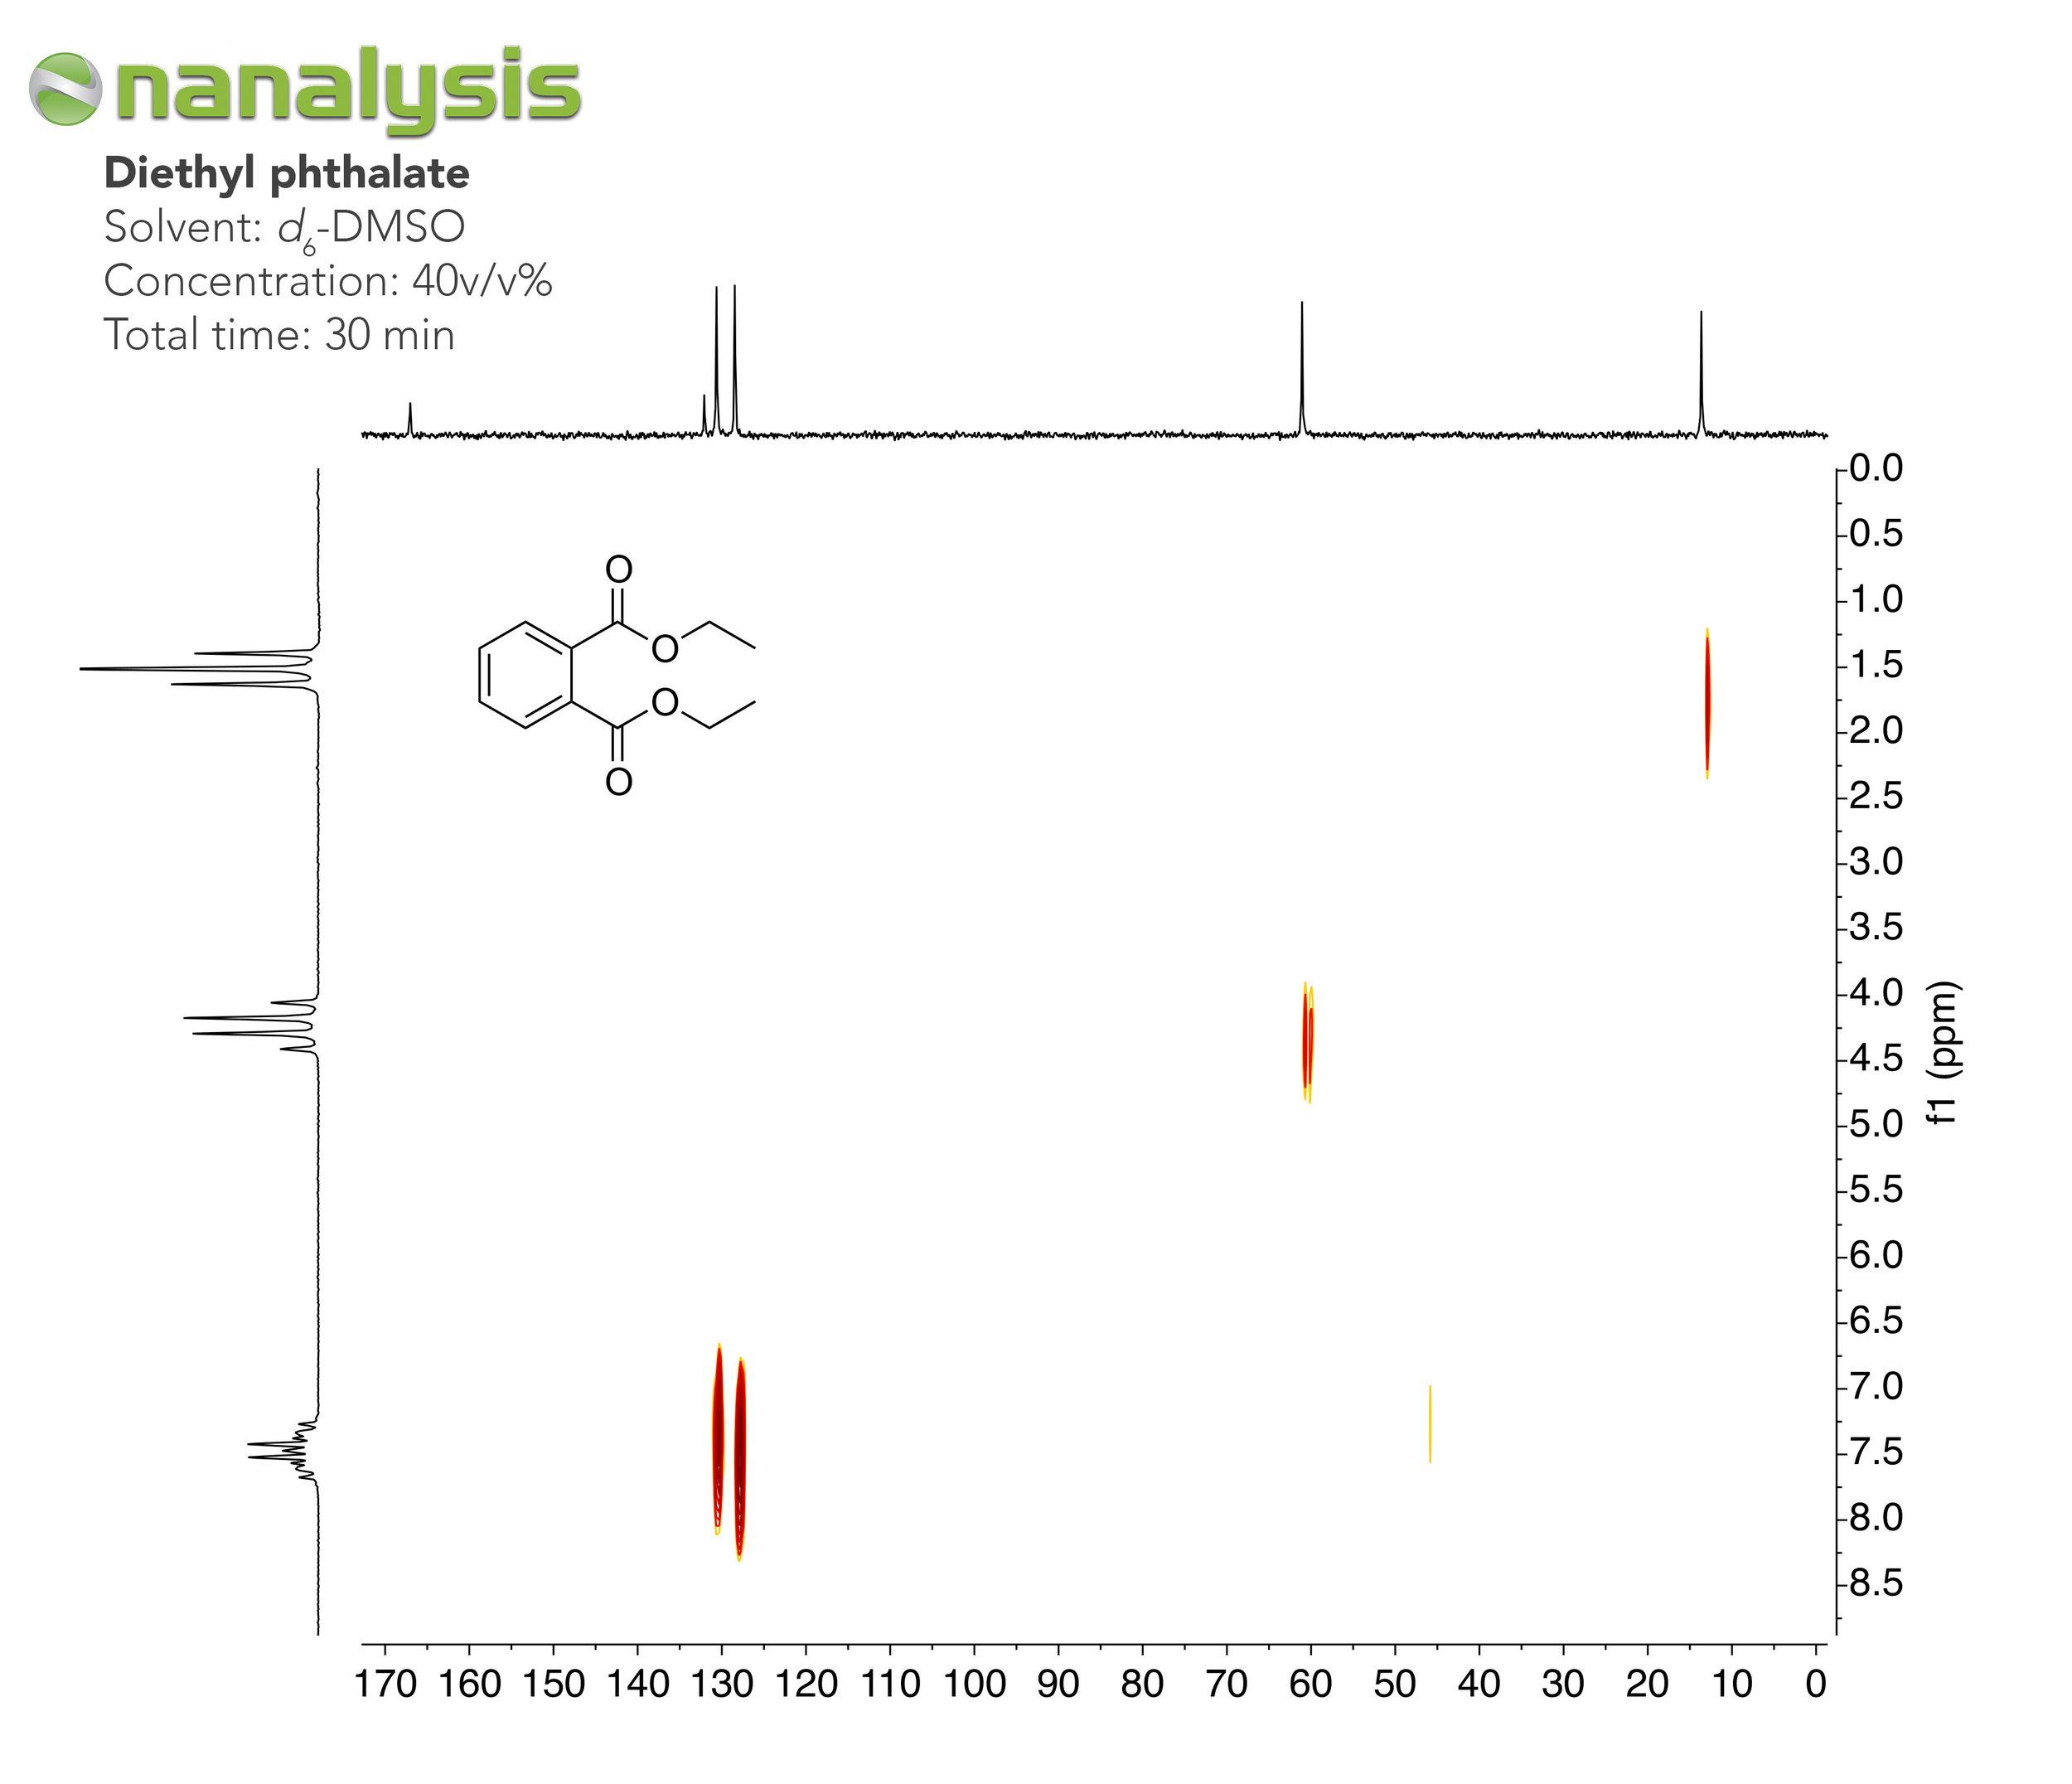 benchtop-nmr-HETCOR-diethylphthlate.jpg